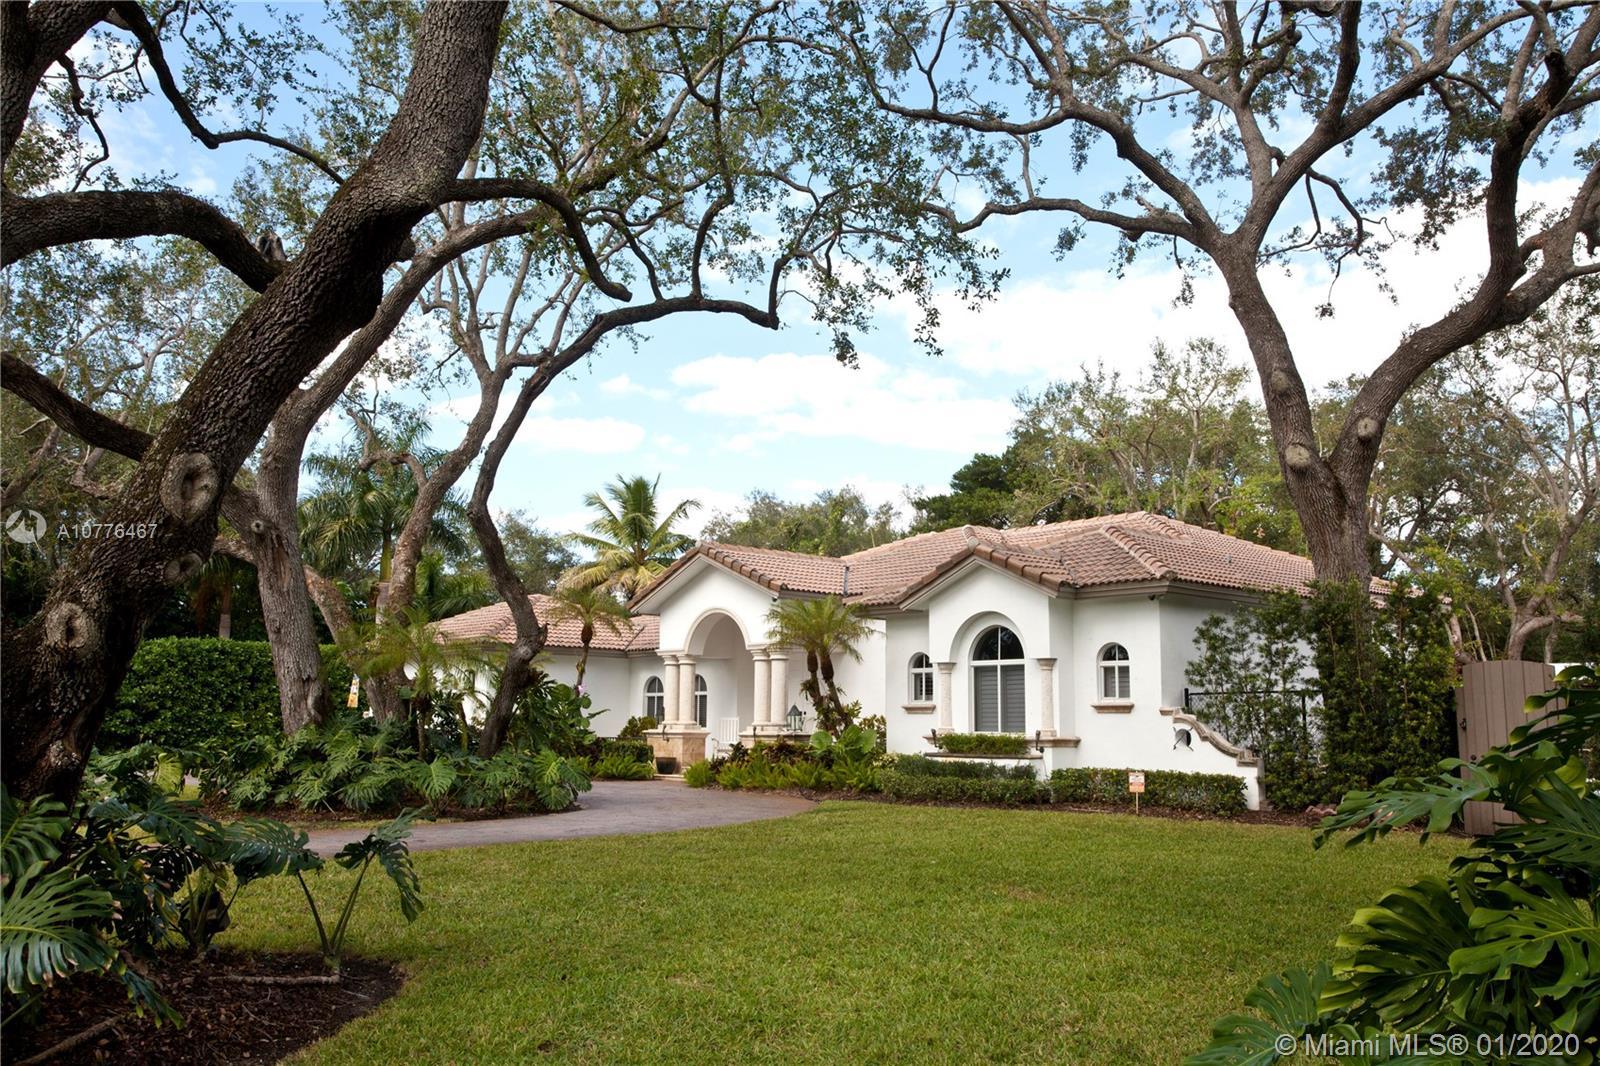 8481 SW 102nd St, Miami, FL 33156 - Miami, FL real estate listing